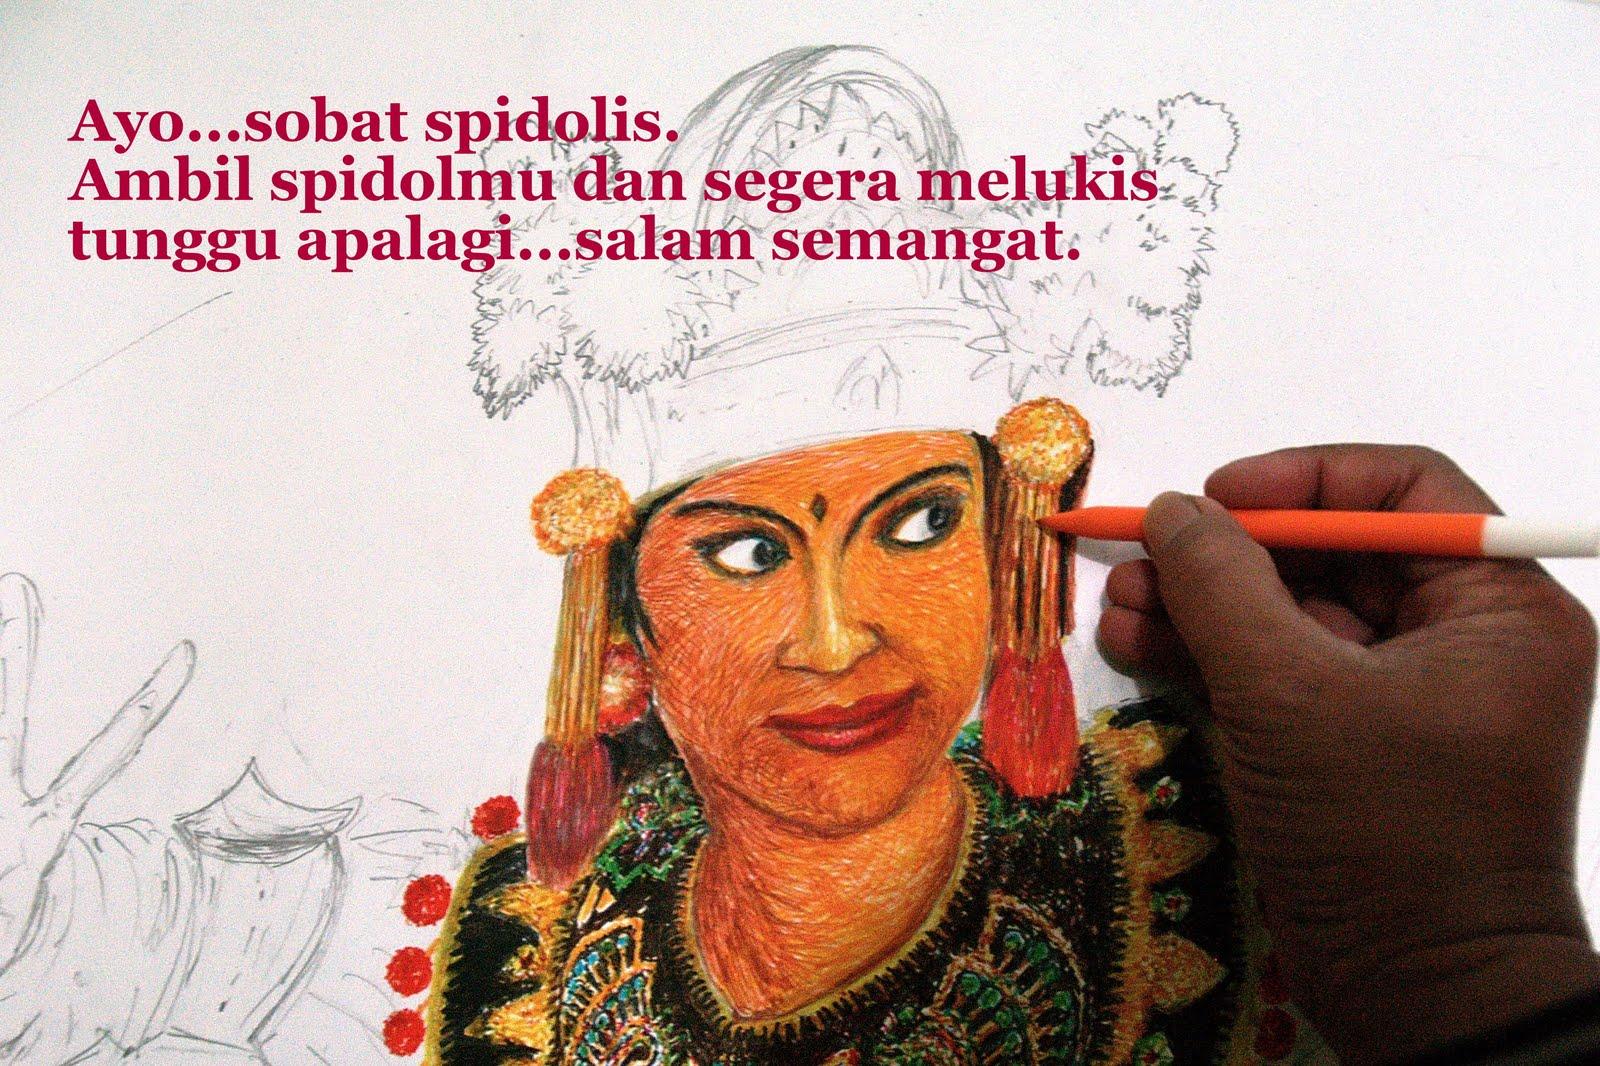 ayo ...melukis dengan spidol